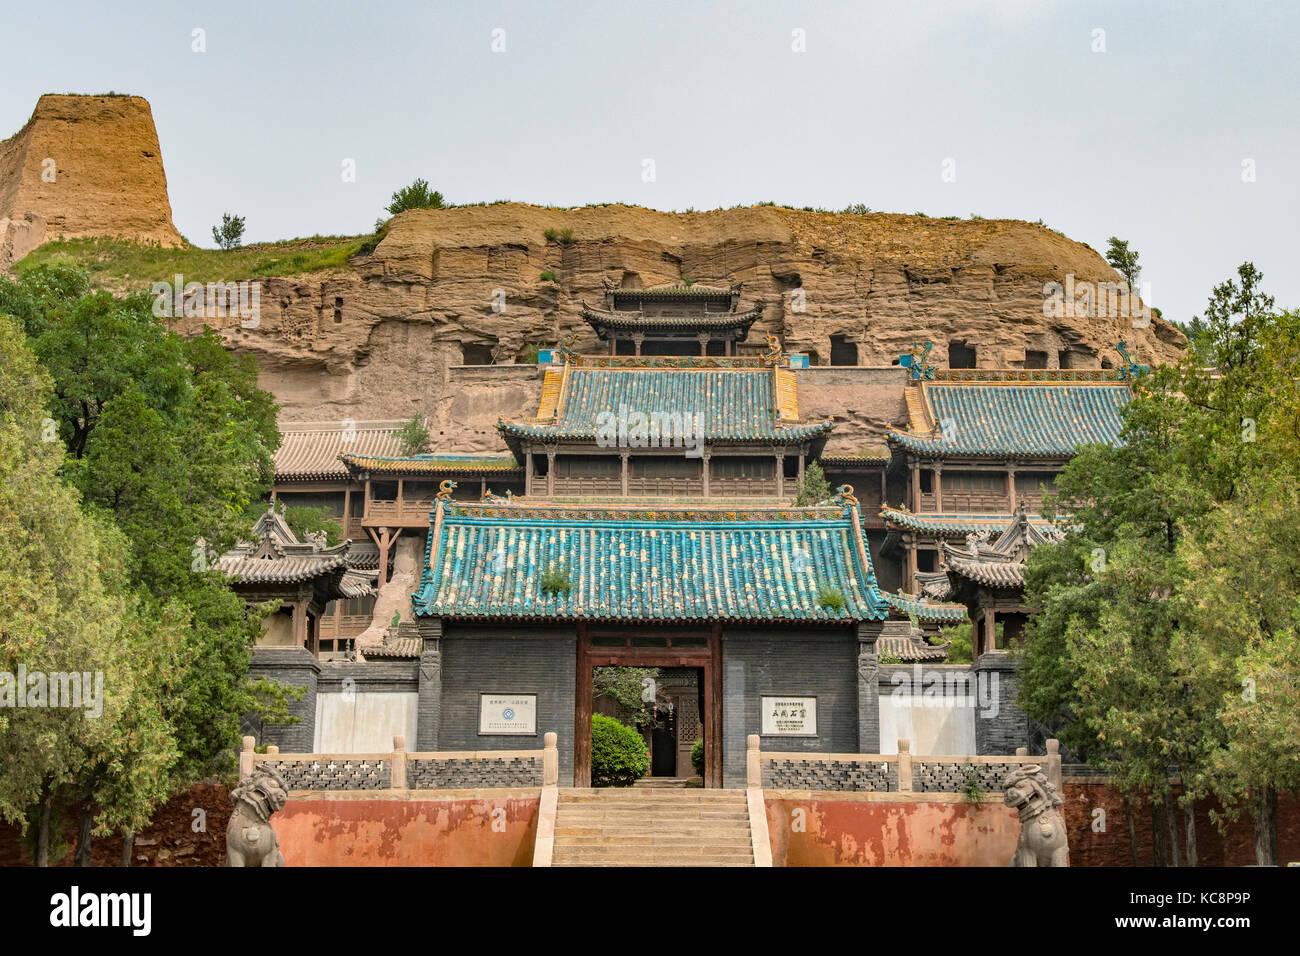 Gate to Yungang Grottoes, Shanxi, China - Stock Image